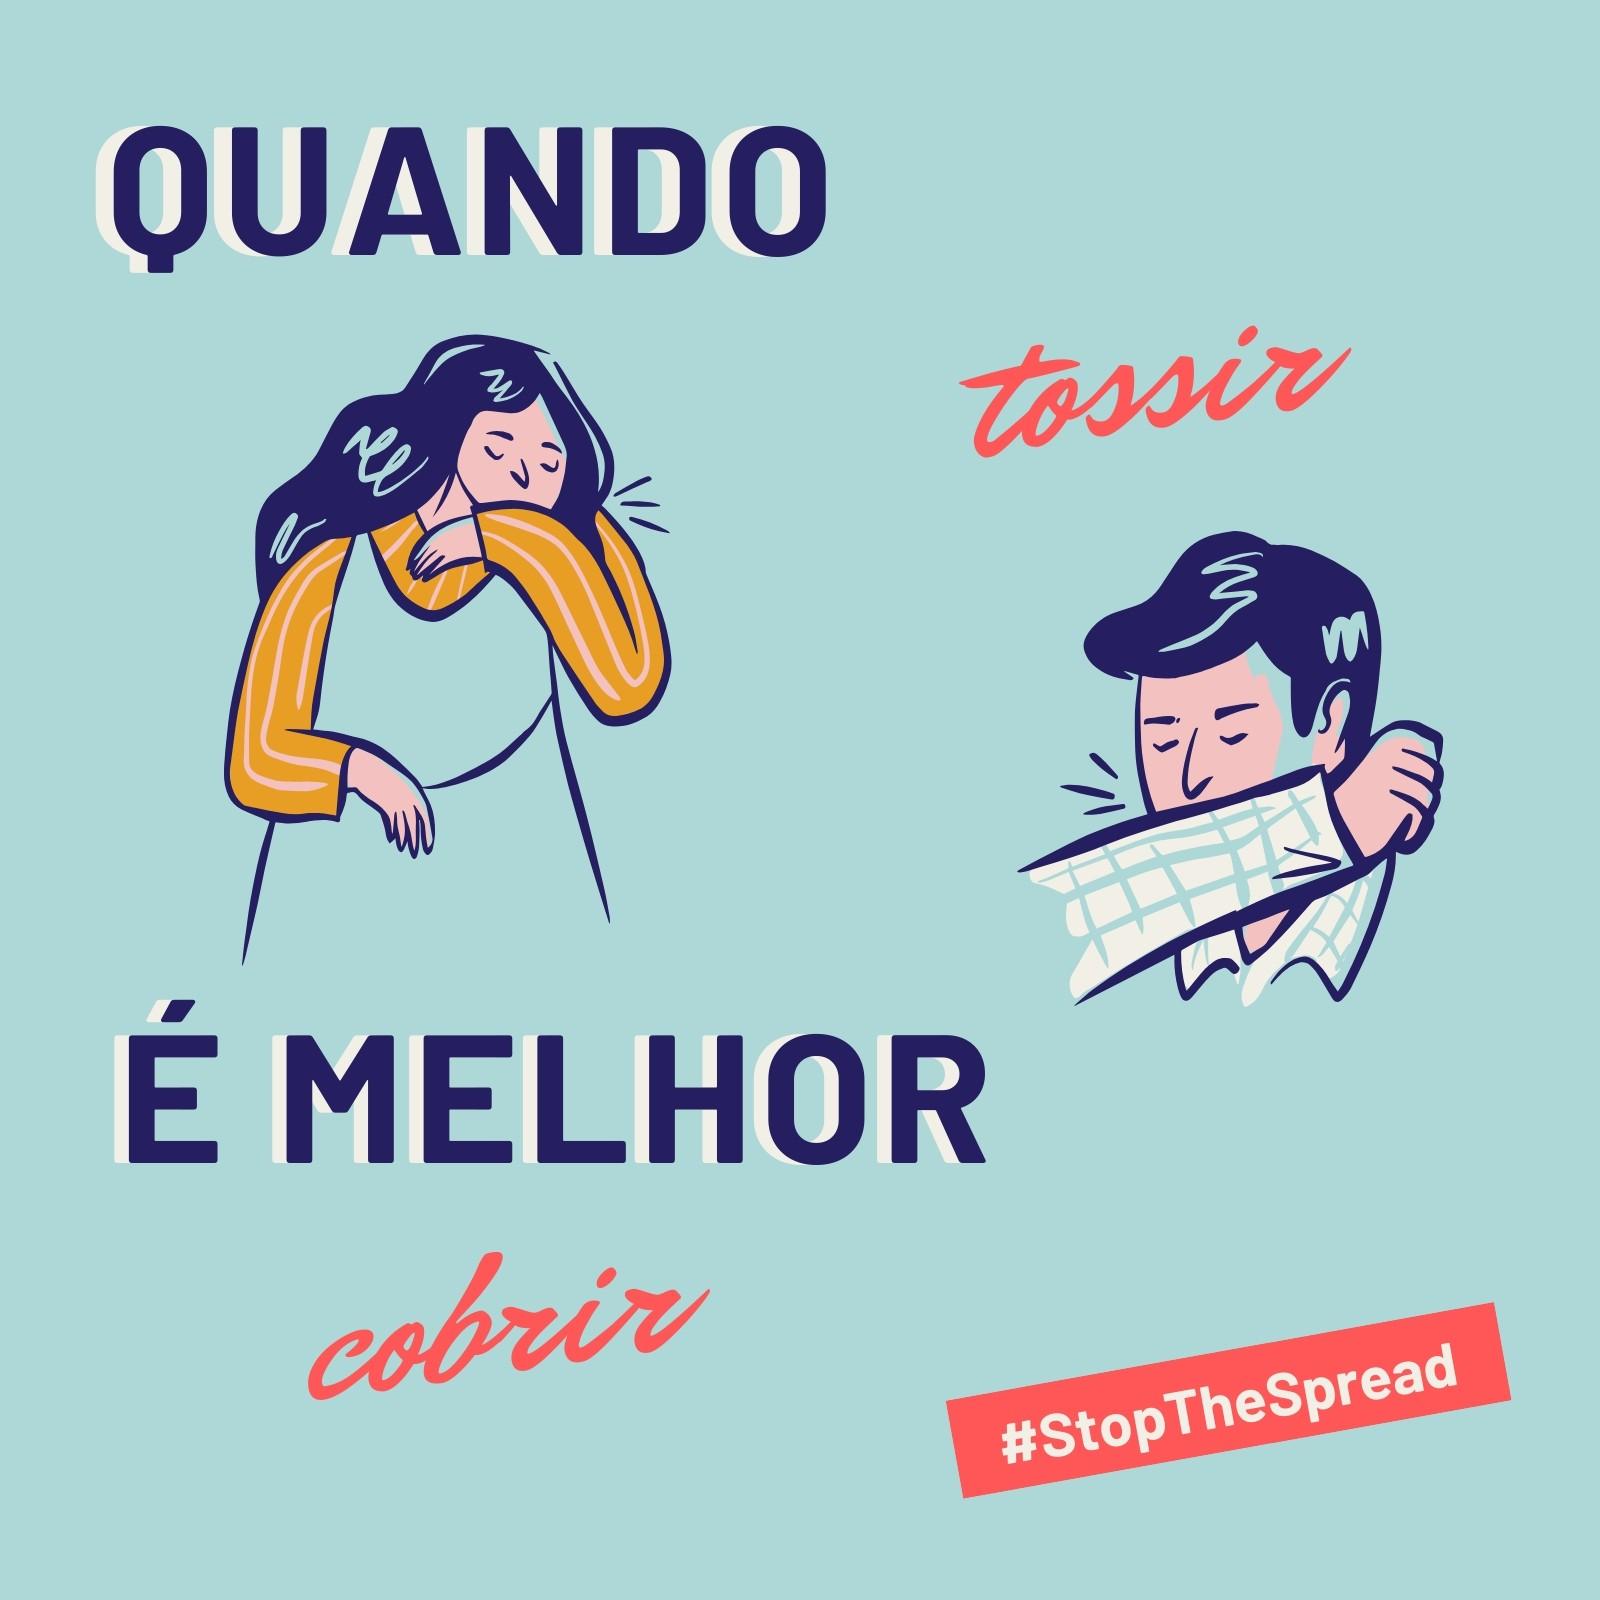 Post Azul das Campanhas Cobrir para Tossir e Stop the Spread para Instagram